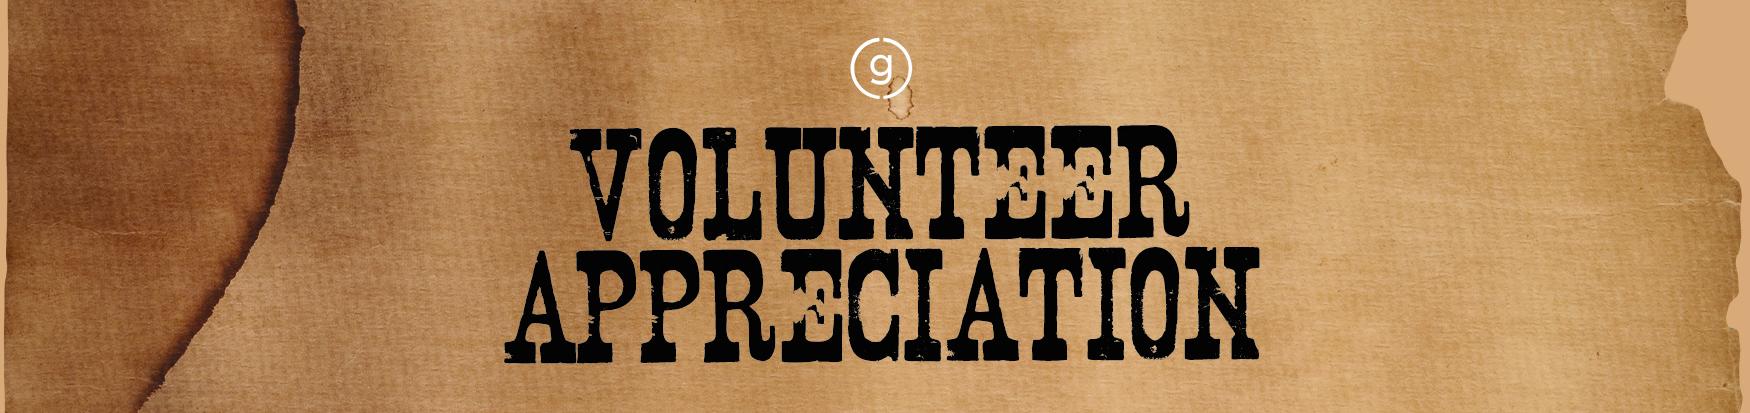 Volunteer Appreciation_header.jpg